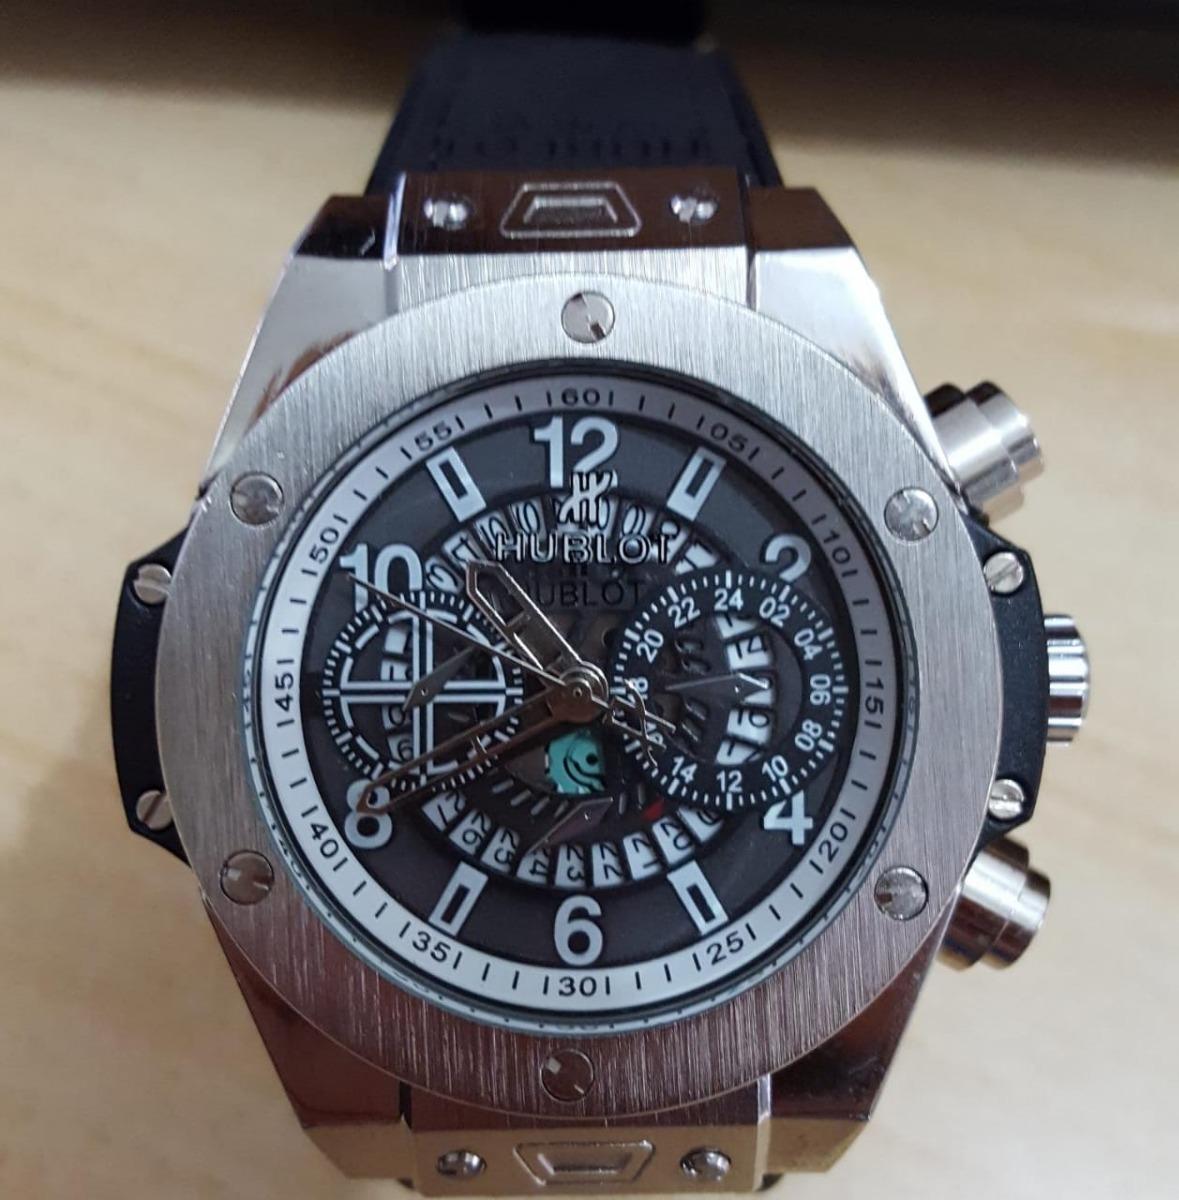 812b11b52ff Relógio Luxo Caixa Aço Data Funcional - Pesado - R  200